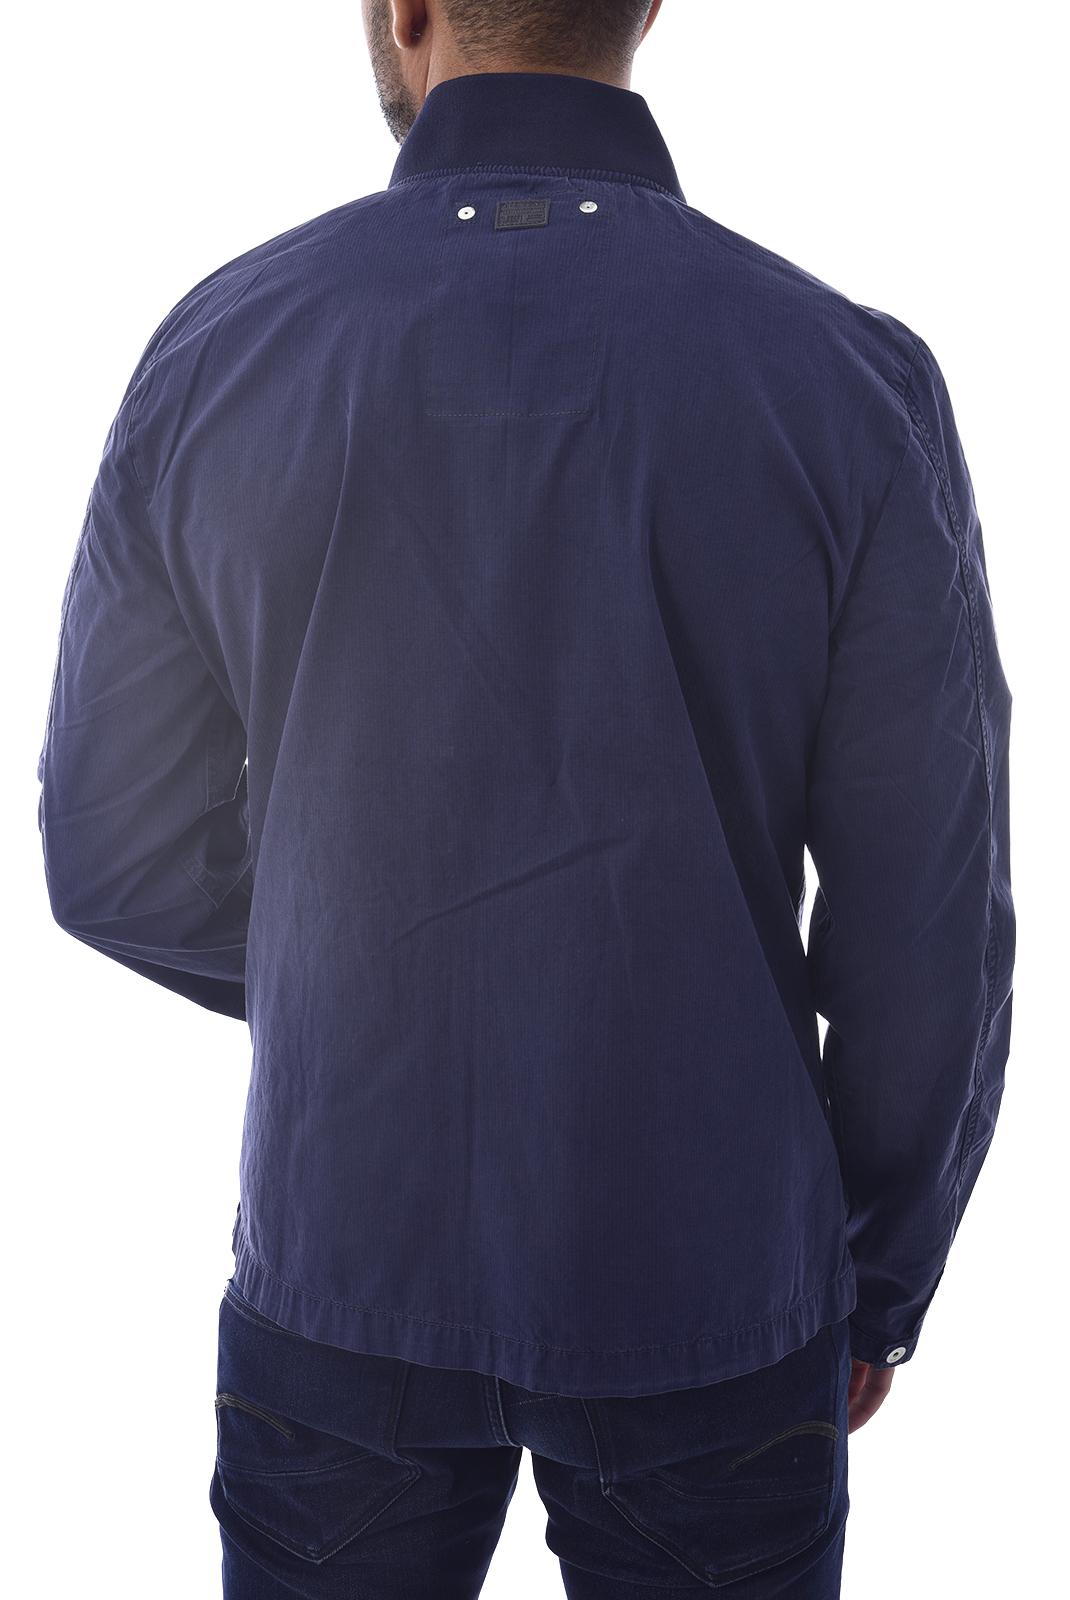 Blousons / doudounes  G-star D01790-1075-6067 batt blue